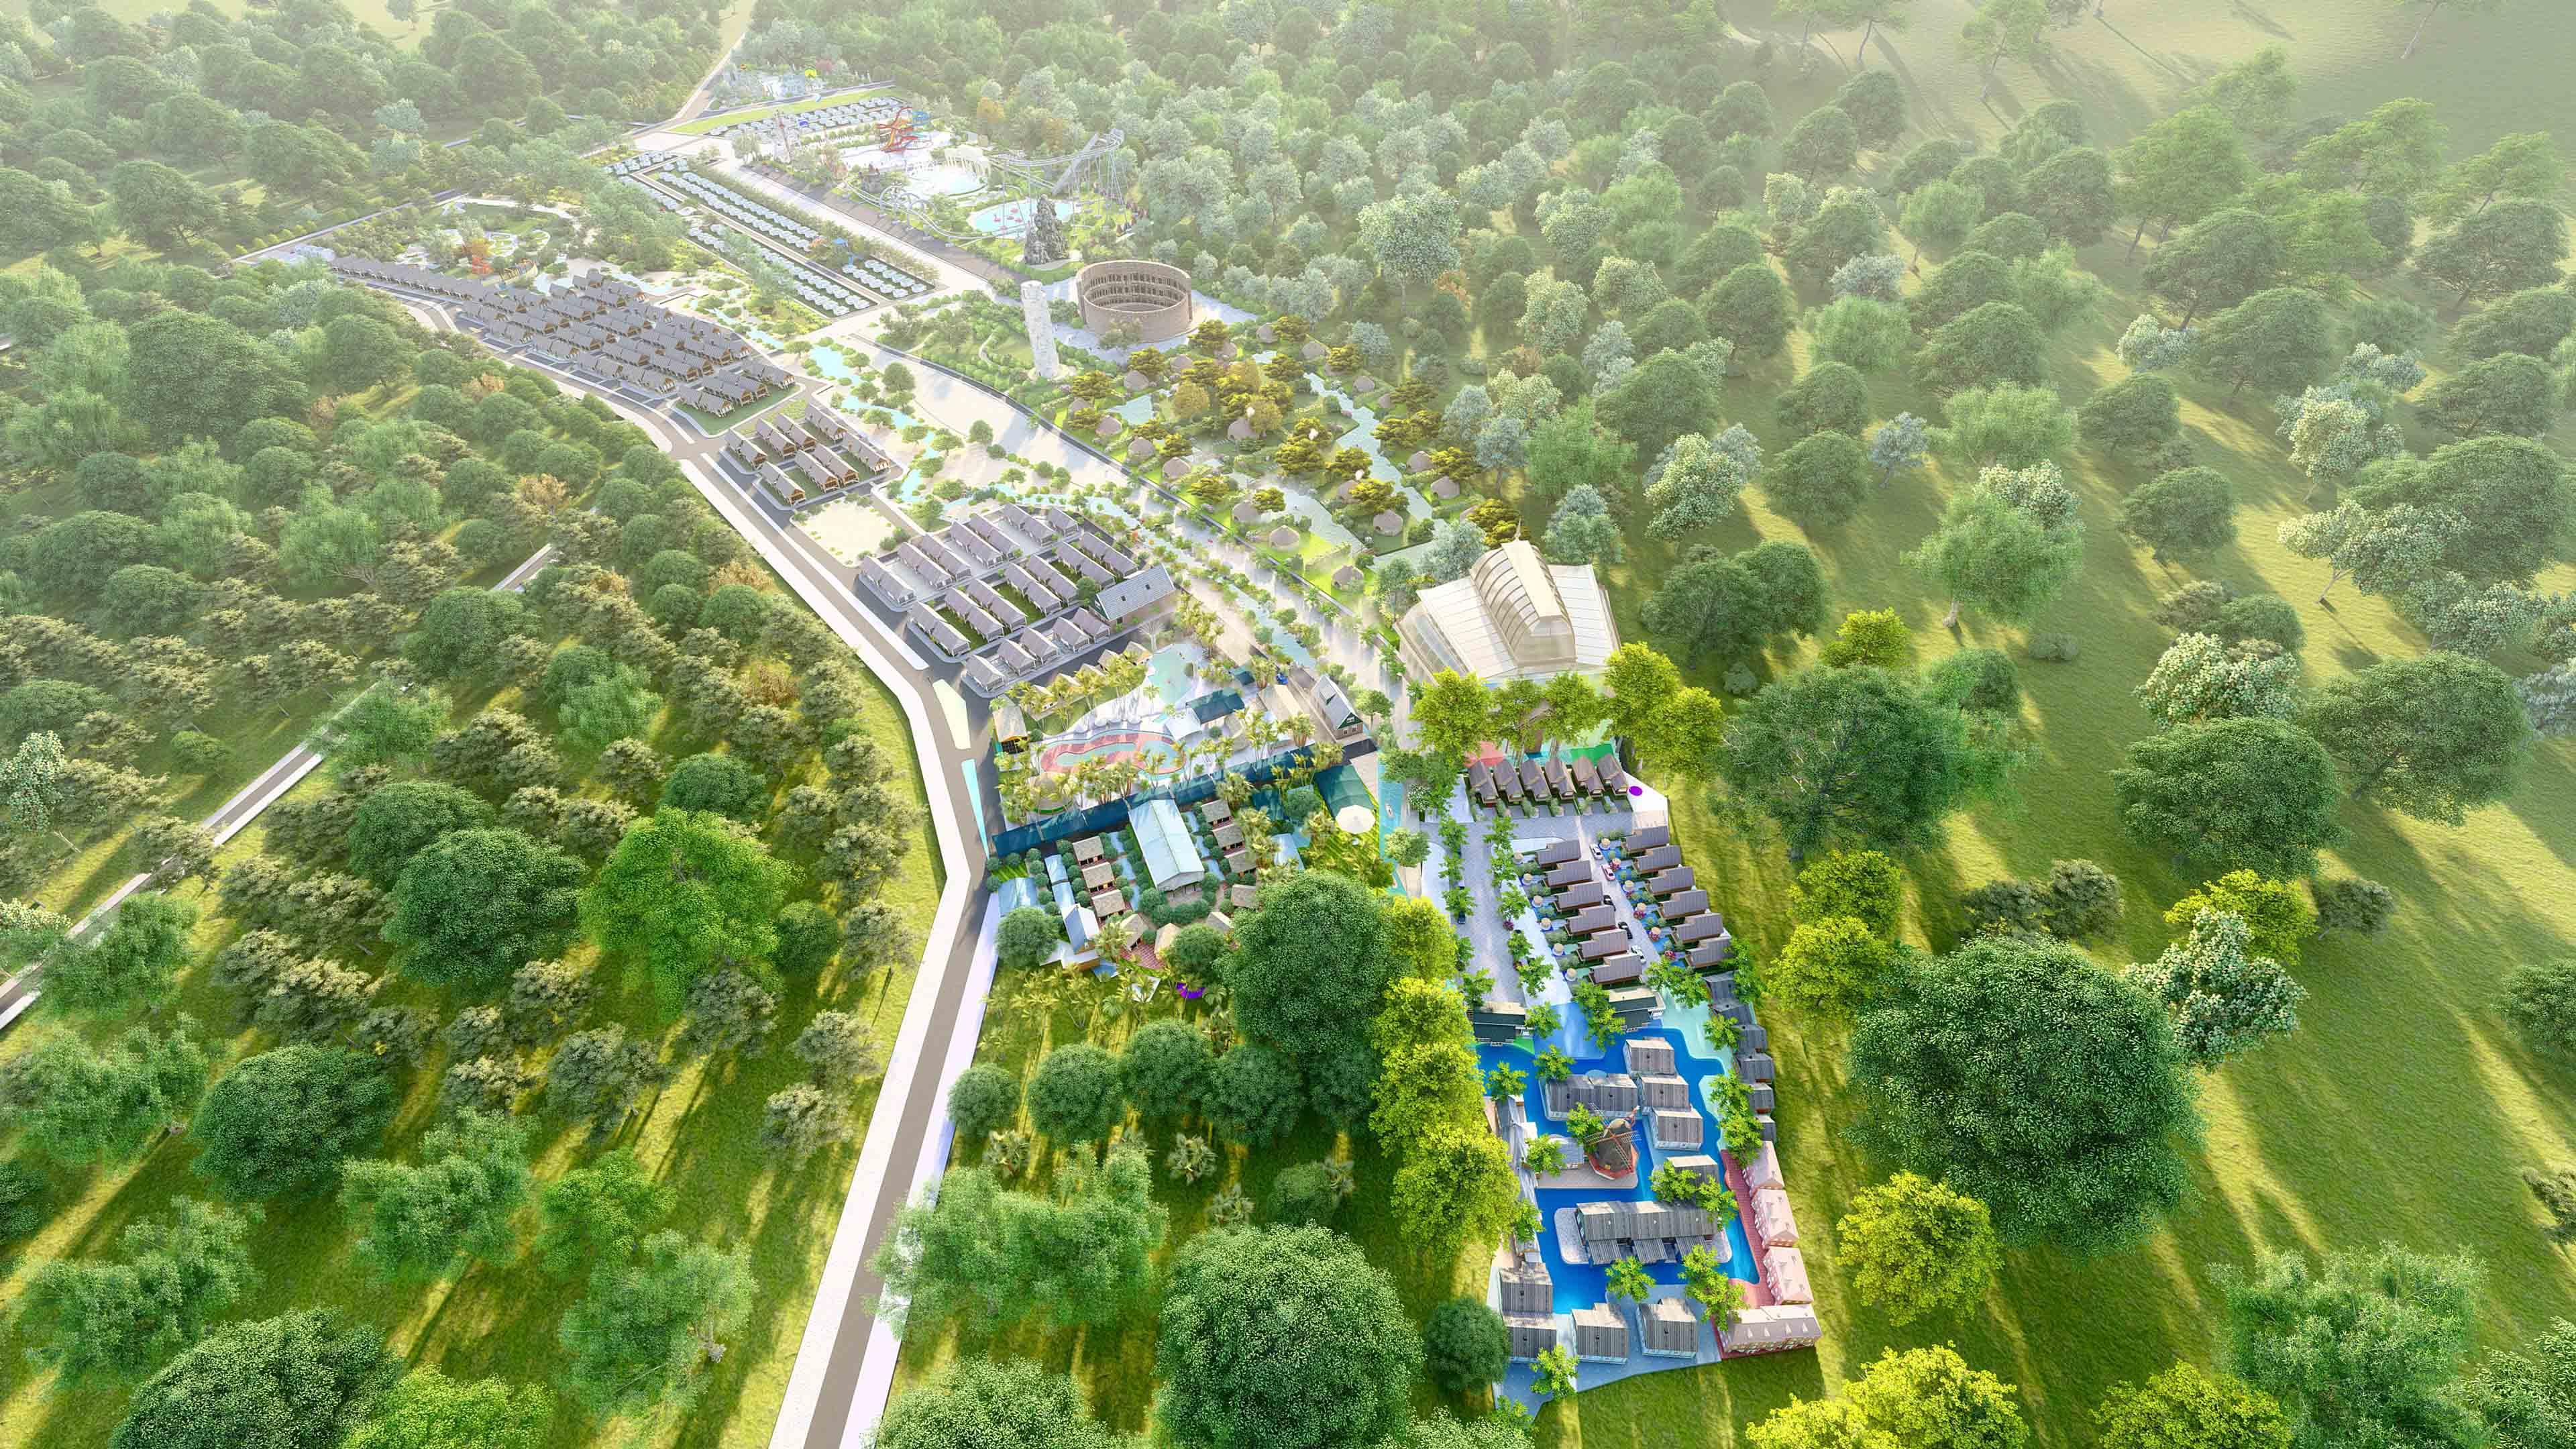 BIỆT THỰ ECO BANGKOK VILLAS BÌNH CHÂU: Tài sản nghỉ dưỡng tầm cỡ tại thủ phủ du lịch Hồ Tràm - Bình Châu  - Ảnh 1